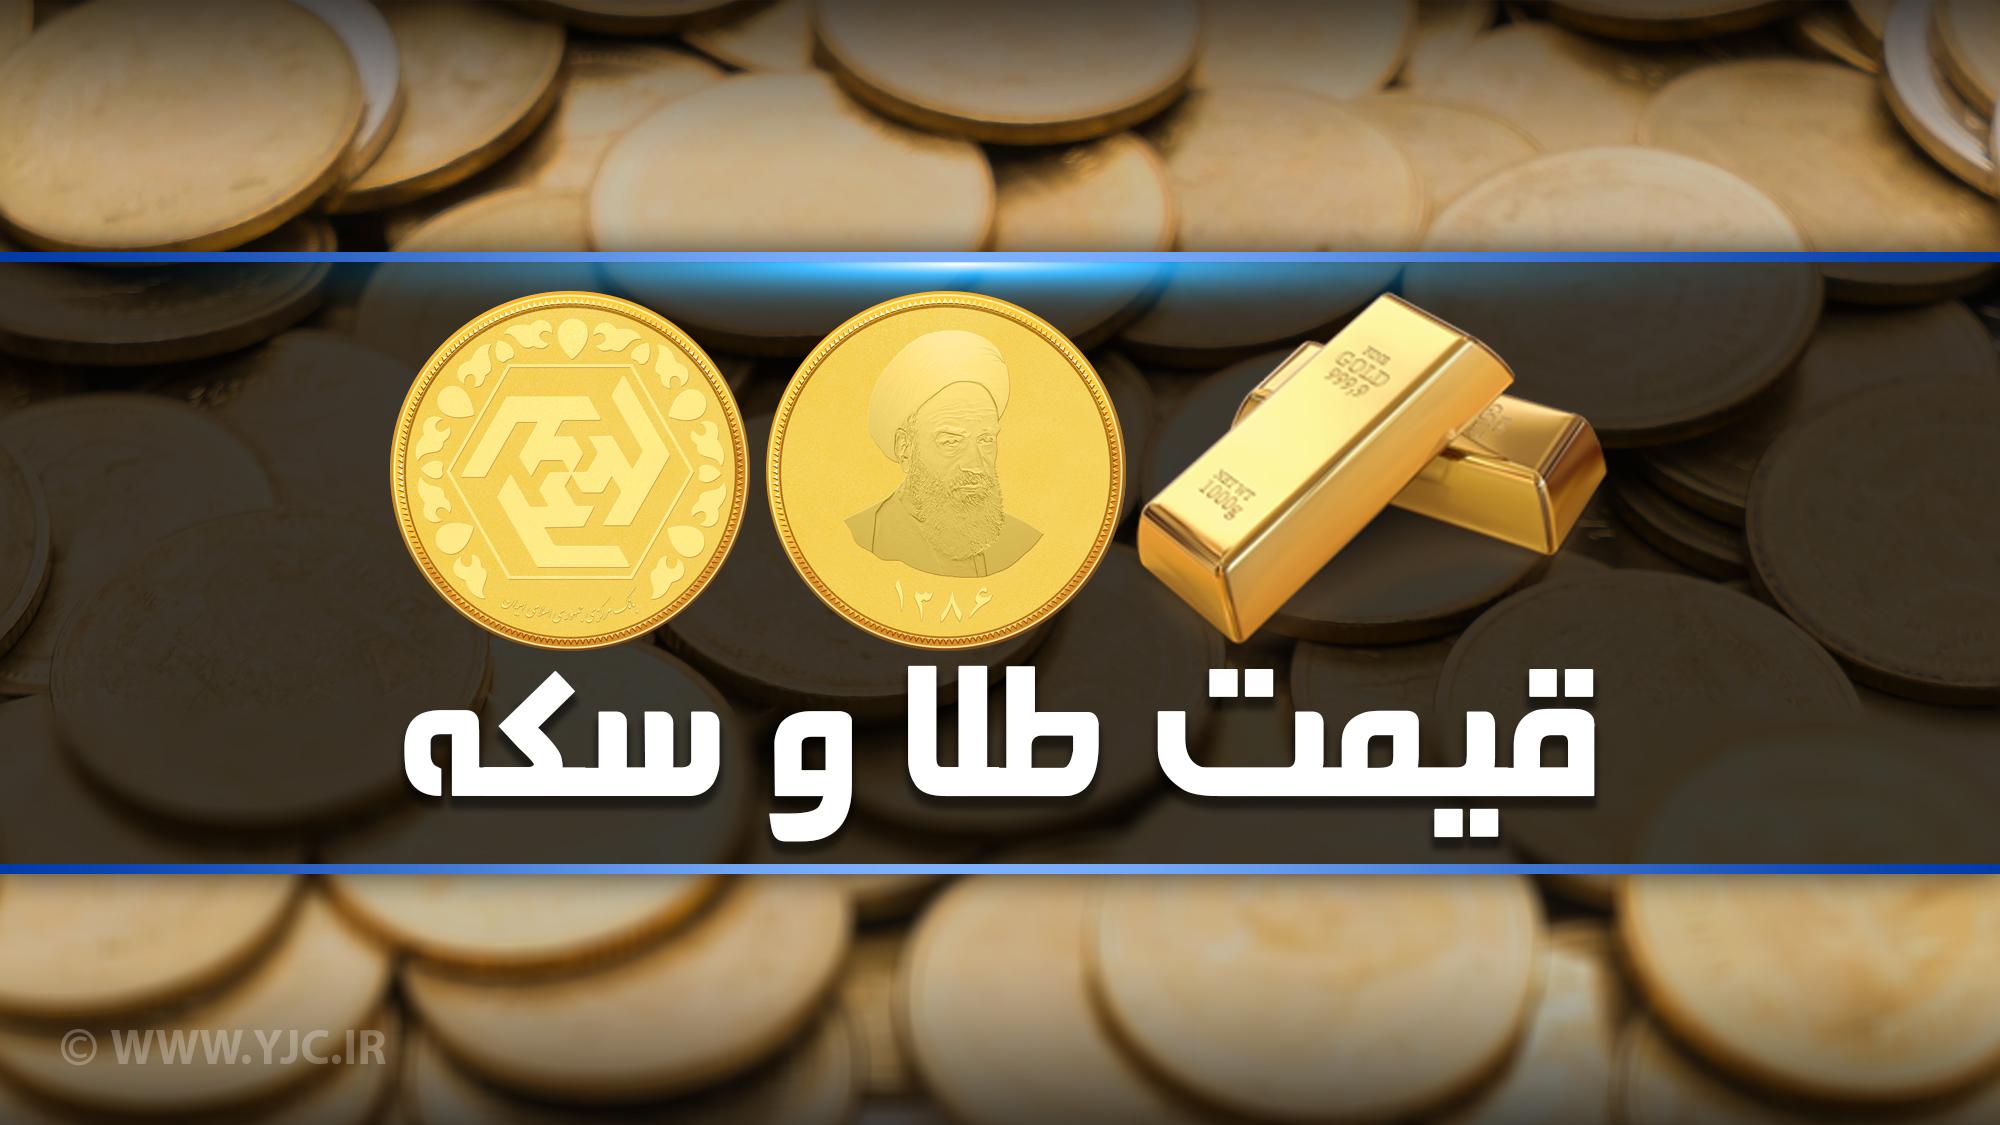 نرخ سکه و طلا در ۱۳ آذر / قیمت هر گرم طلای ۱۸ عیار ۴۴۲ هزار تومان شد + جدول